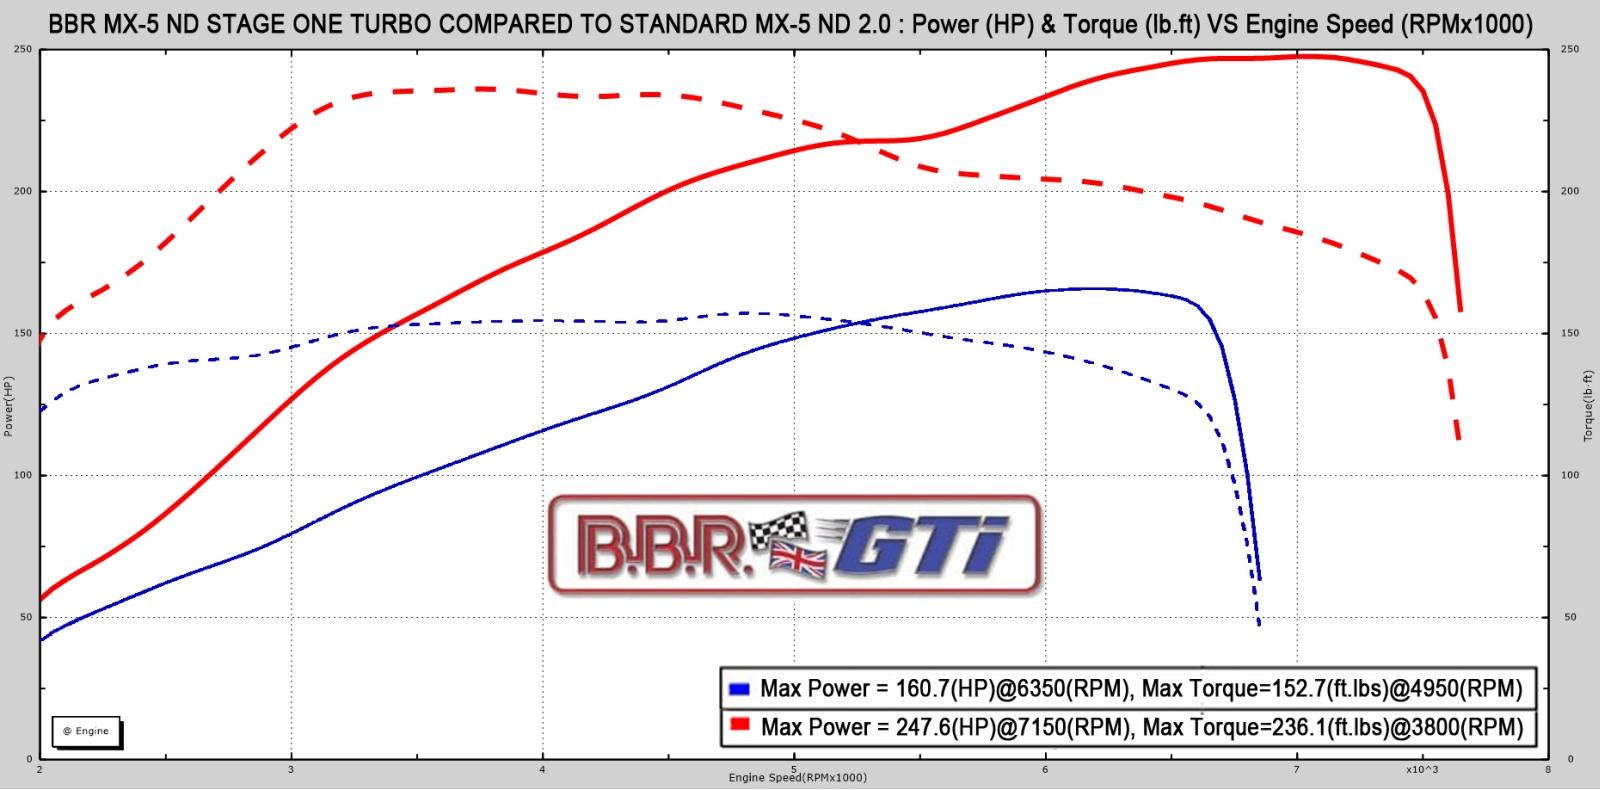 BBR Mazda MX-5